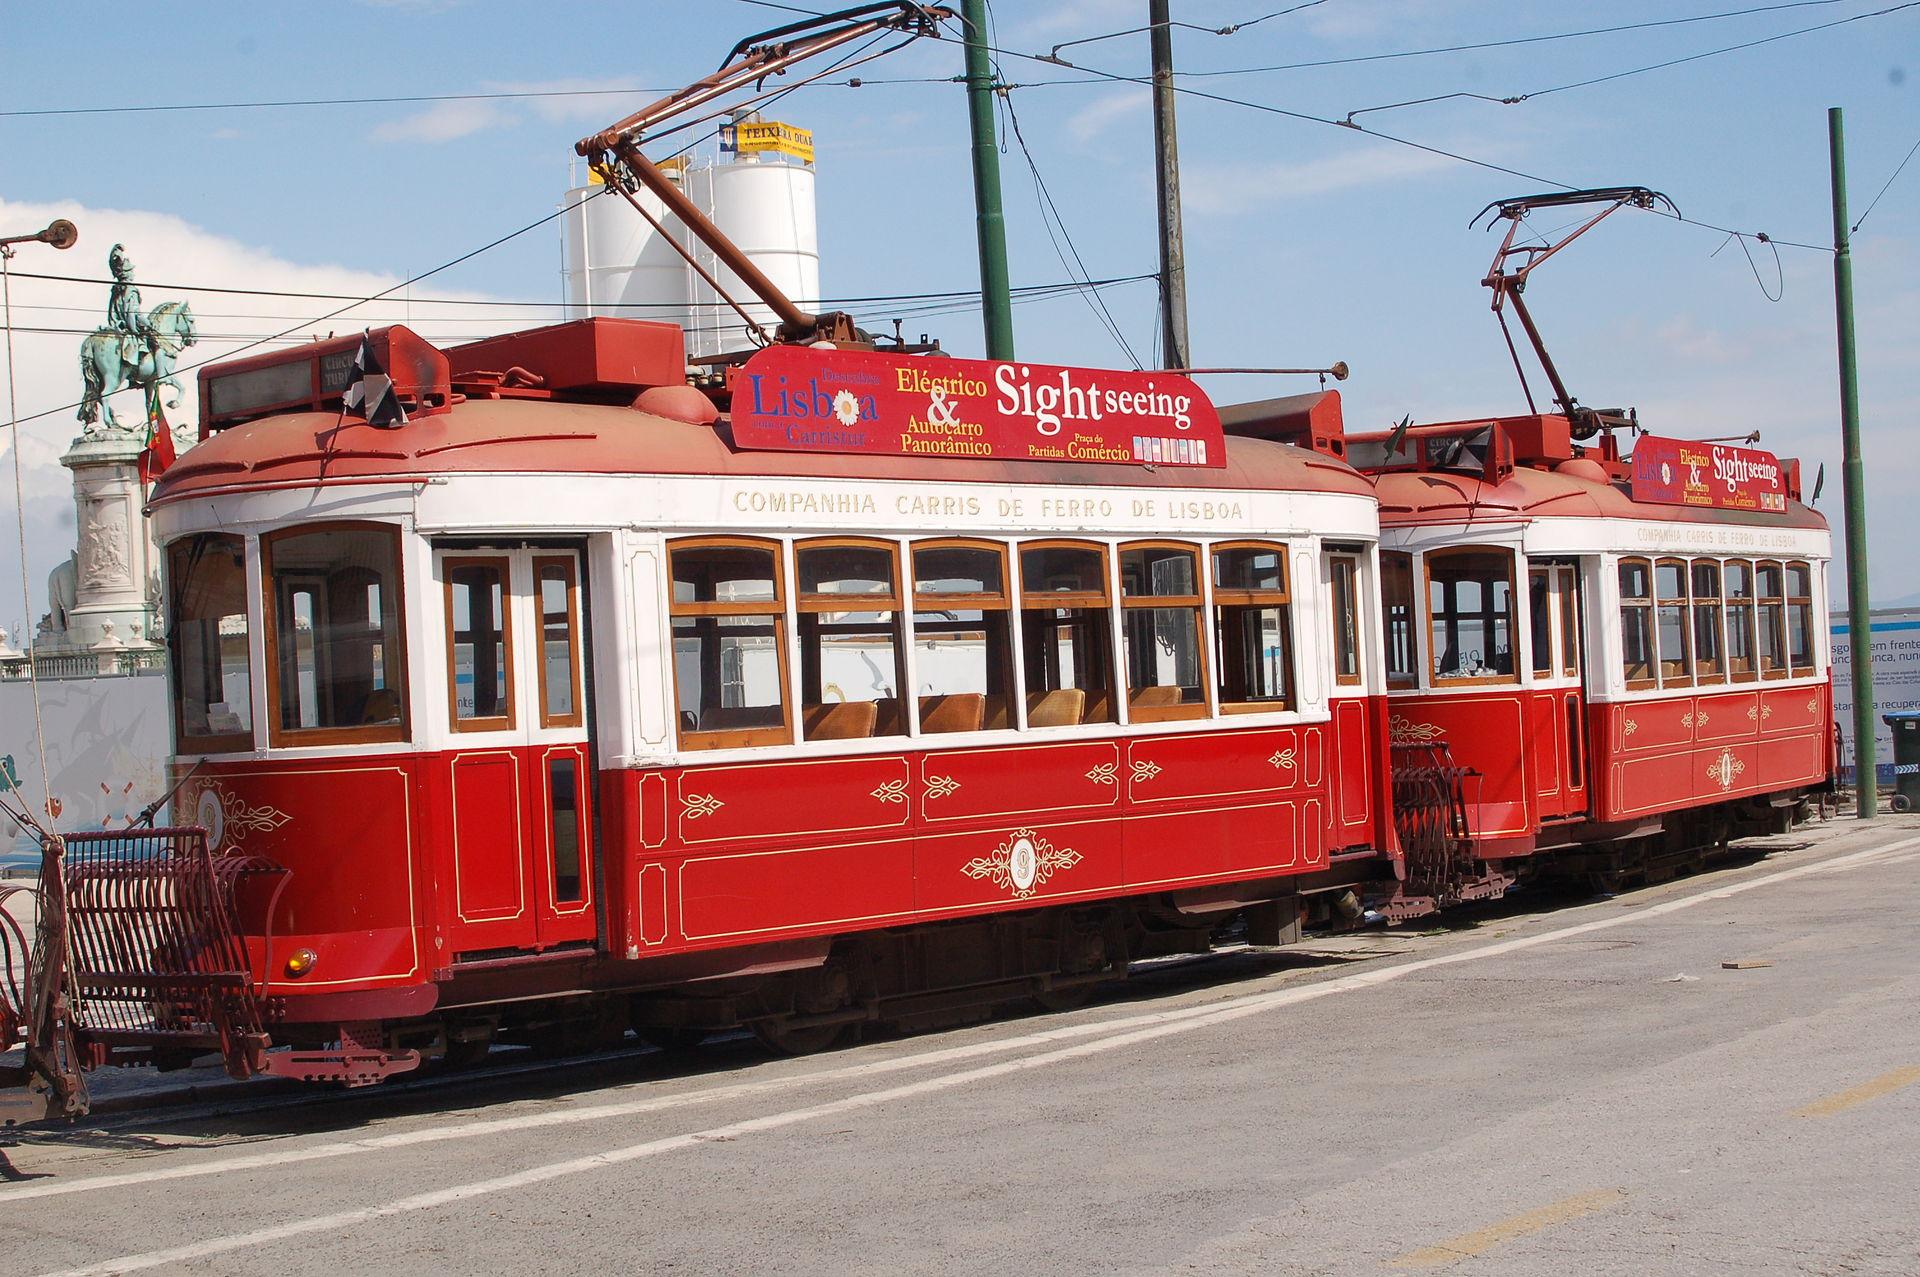 STREET VIEW : les tramways en action - Page 3 1920px-El%C3%A9ctricos_de_Lisboa1